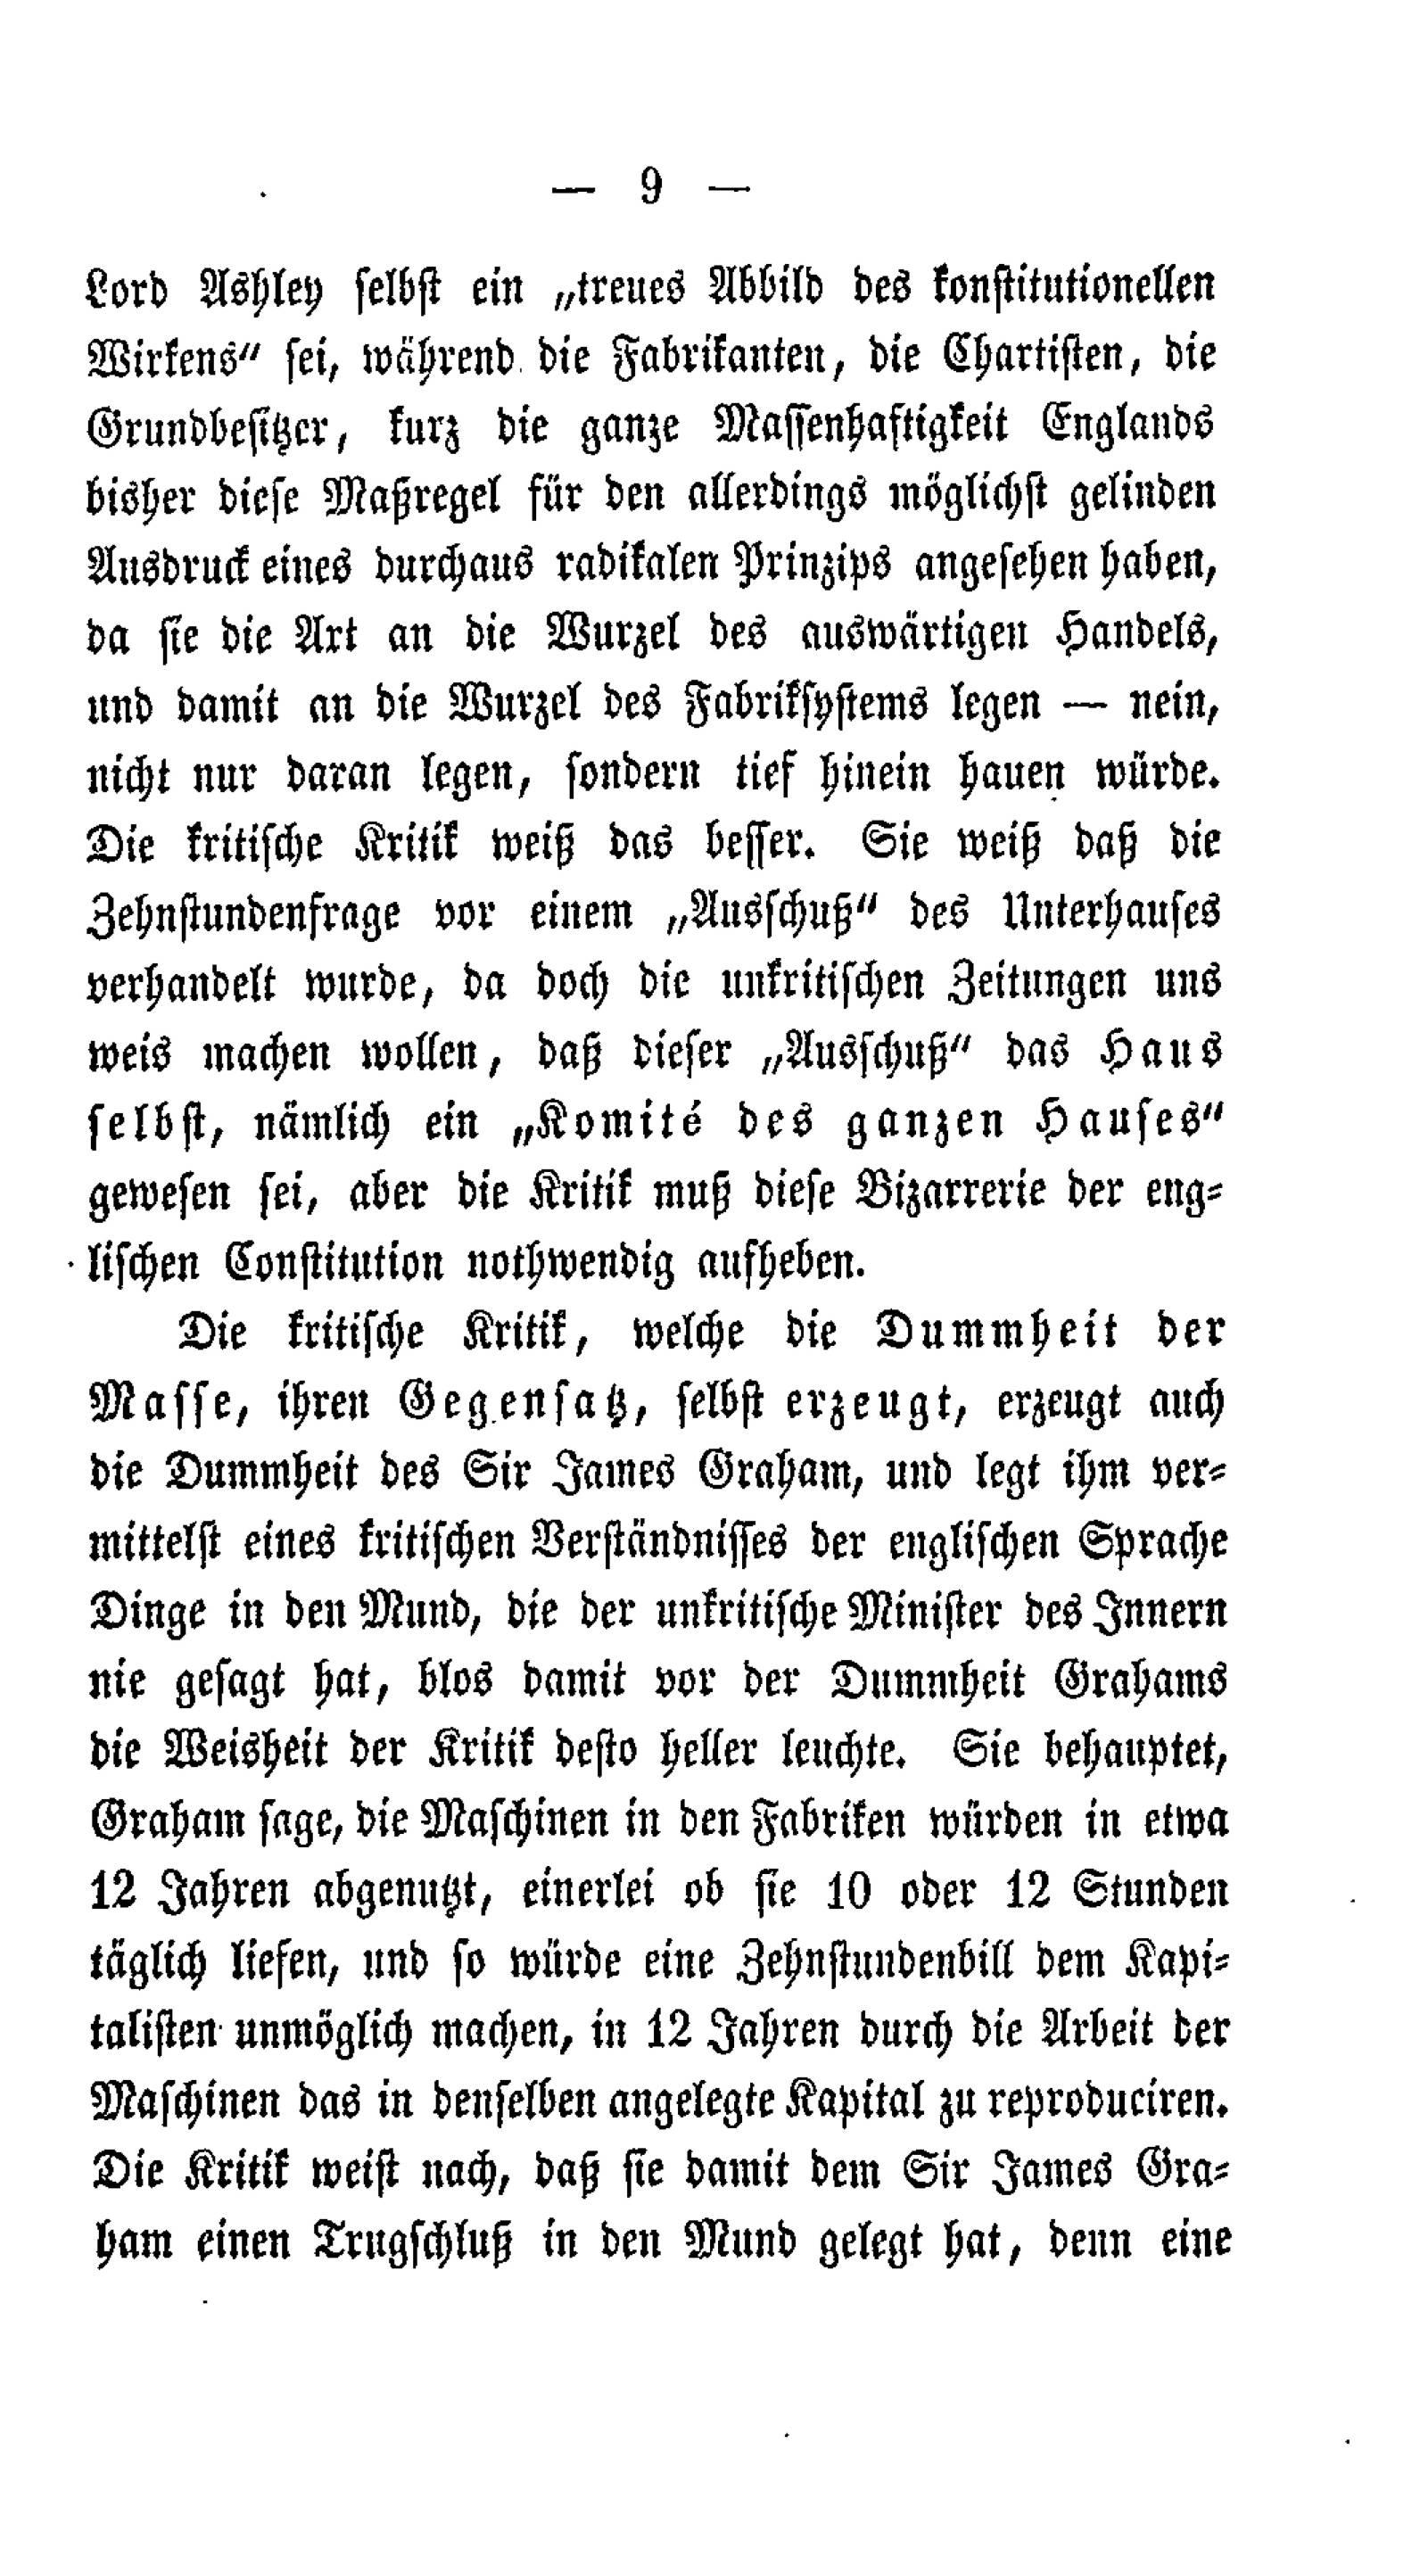 Filekritik Der Kritischen Kritik Engels 009jpg